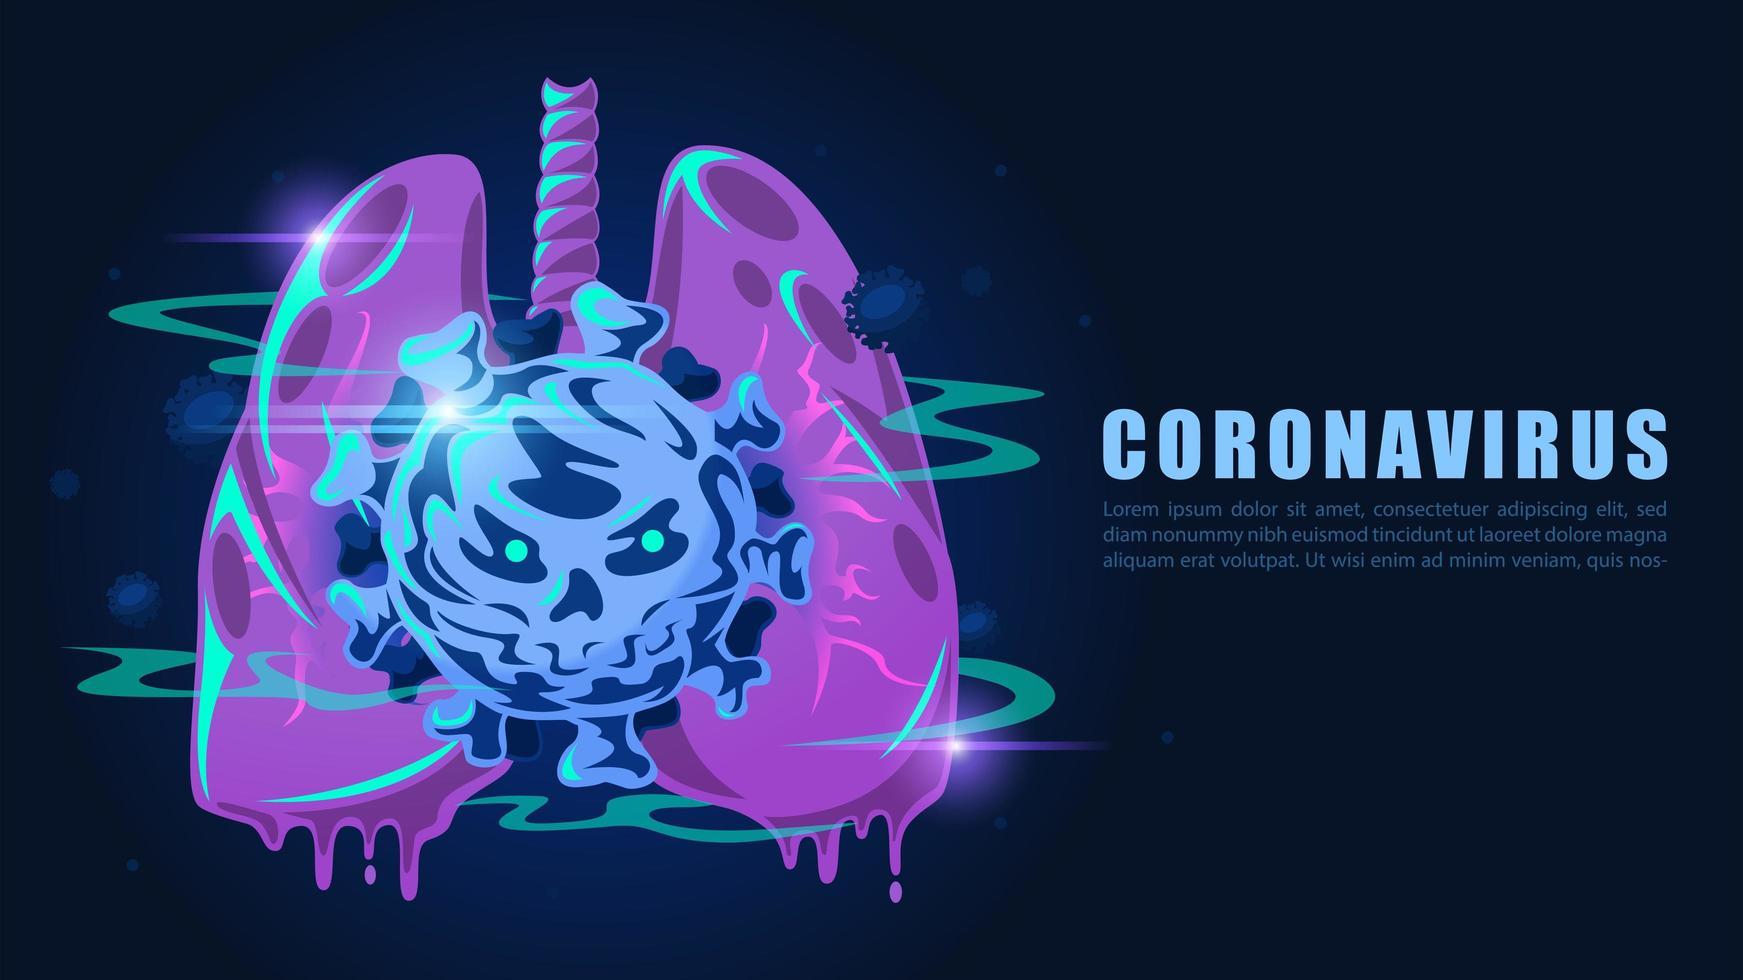 longen in cartoon-stijl geïnfecteerd door coronavirus vector